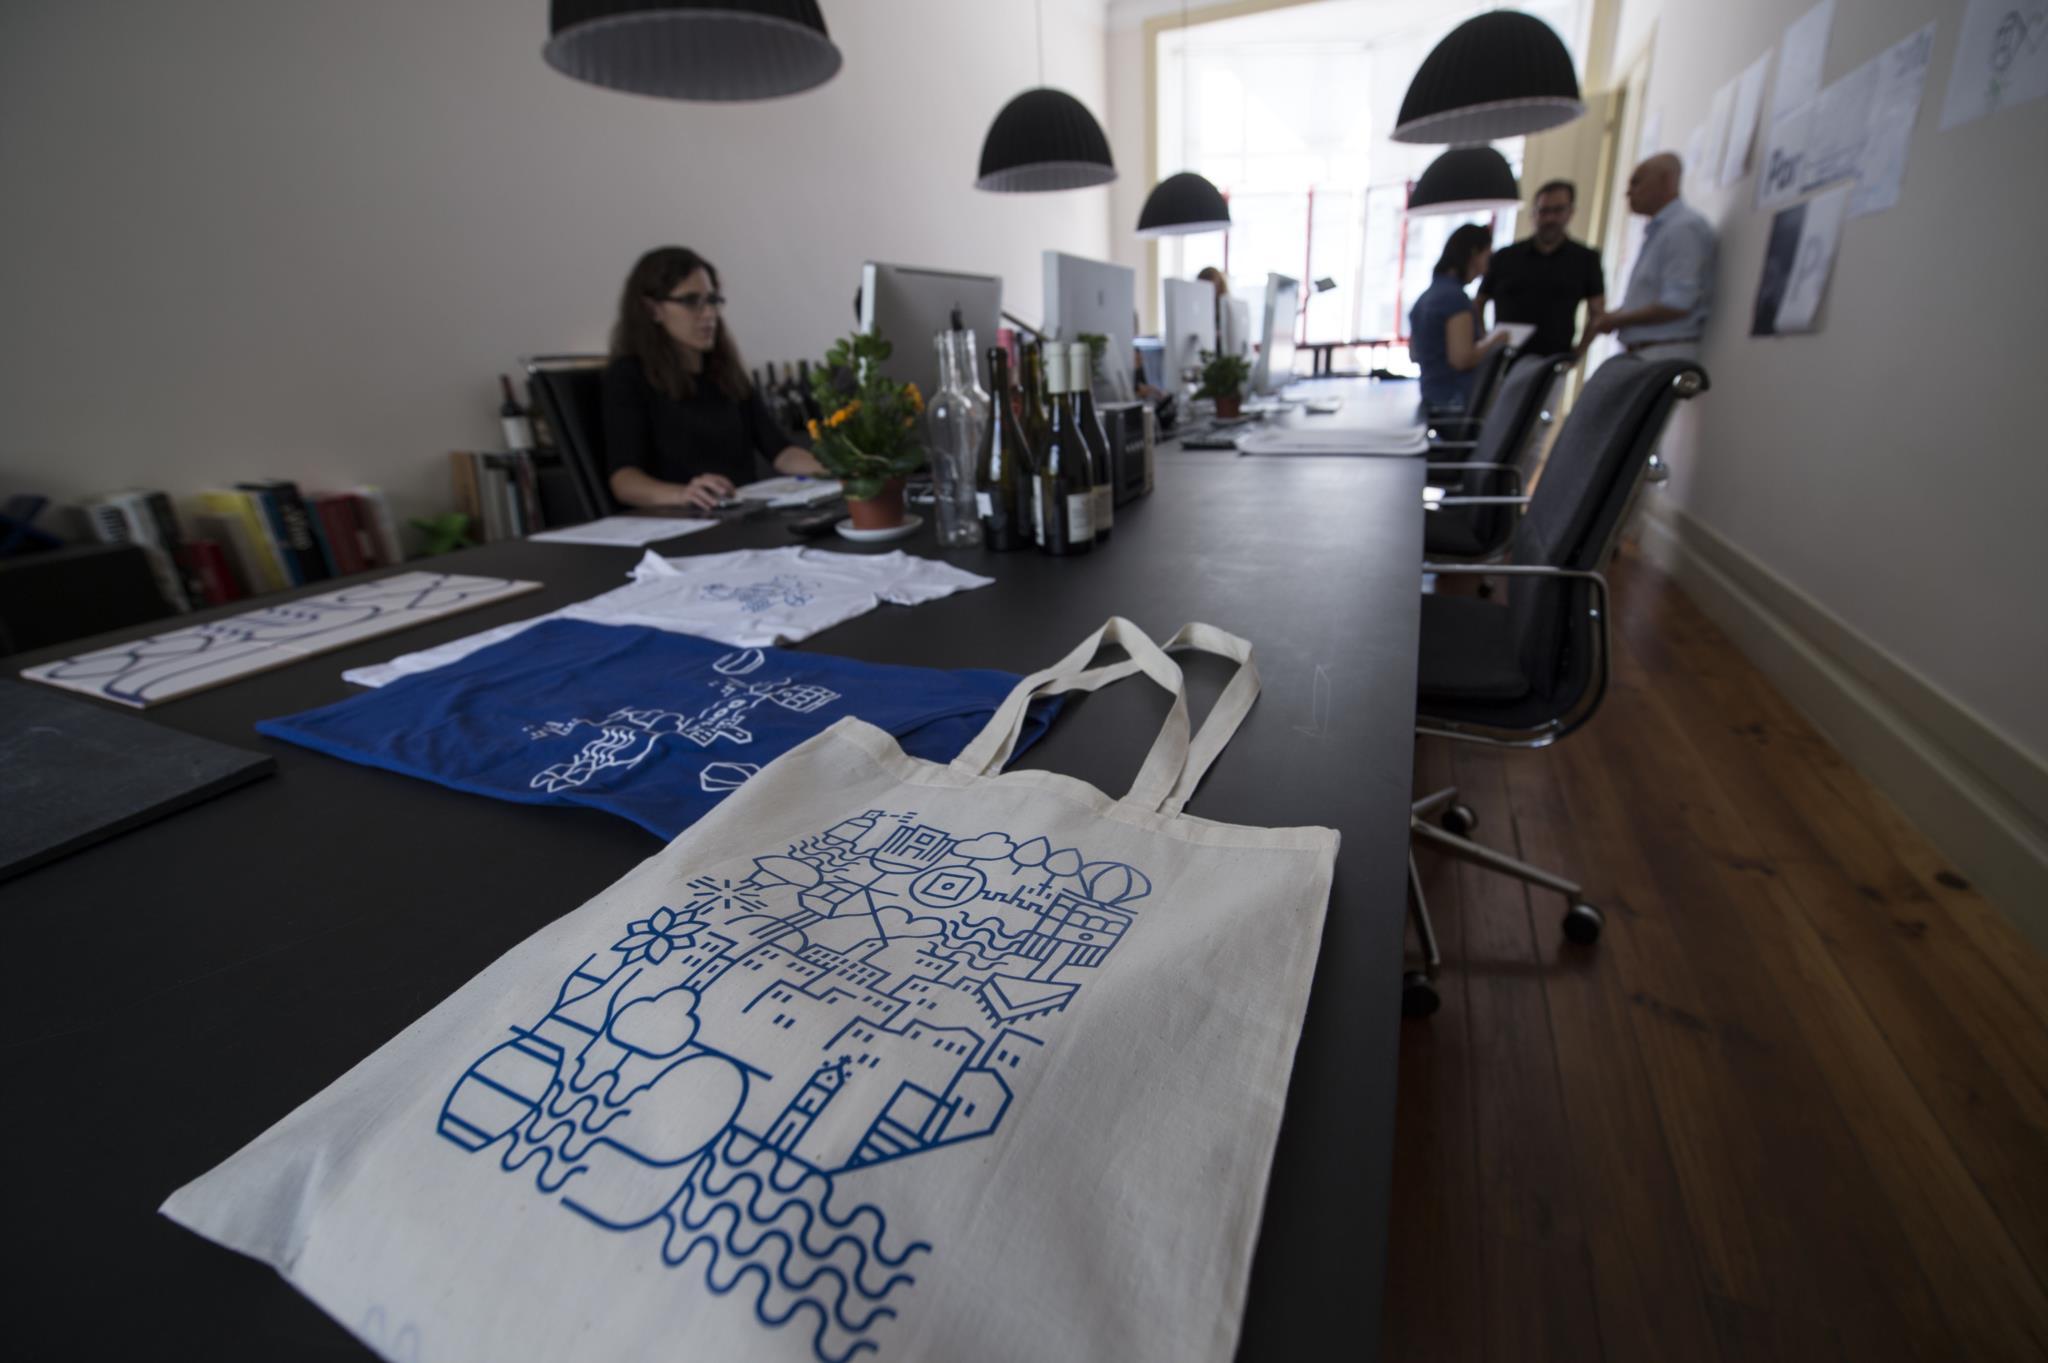 PÚBLICO - O Porto já conquistou um lugar no mapa do desgin europeu